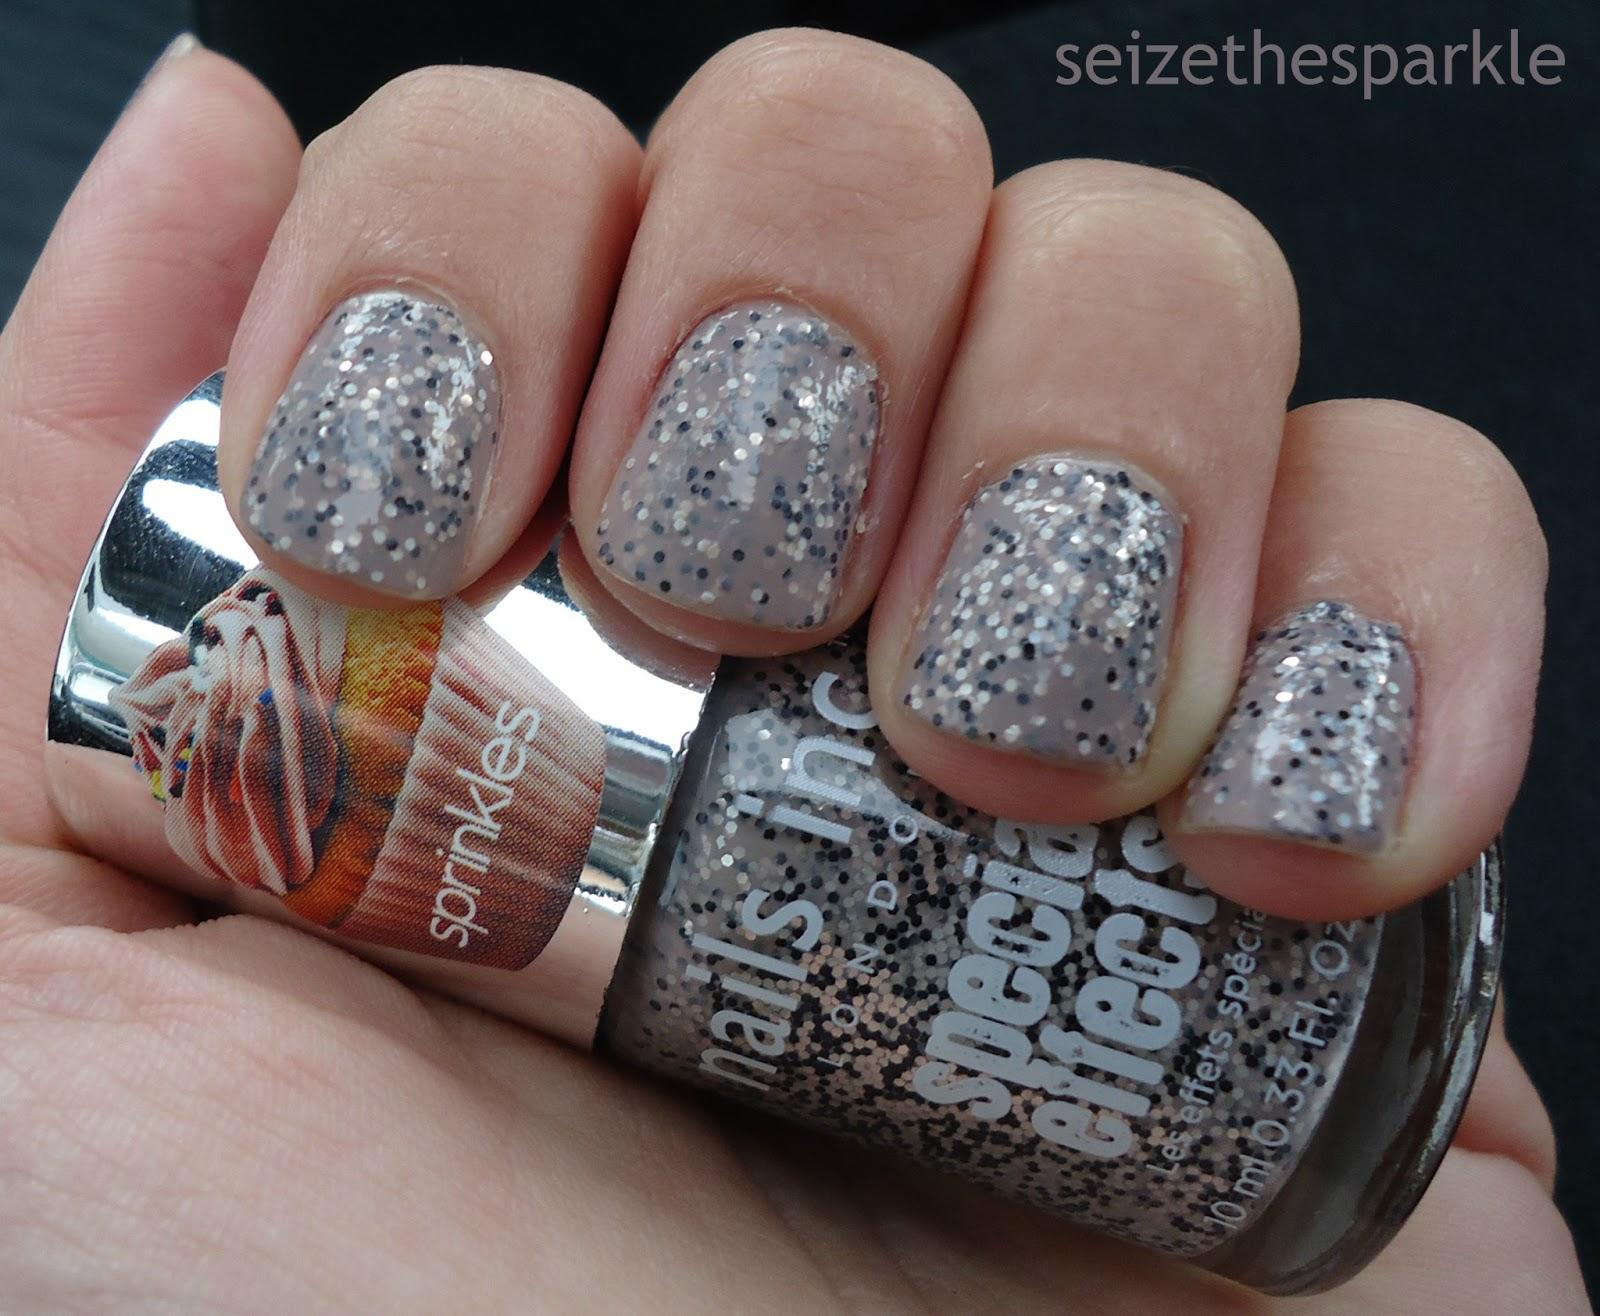 nails inc. sugar house lane